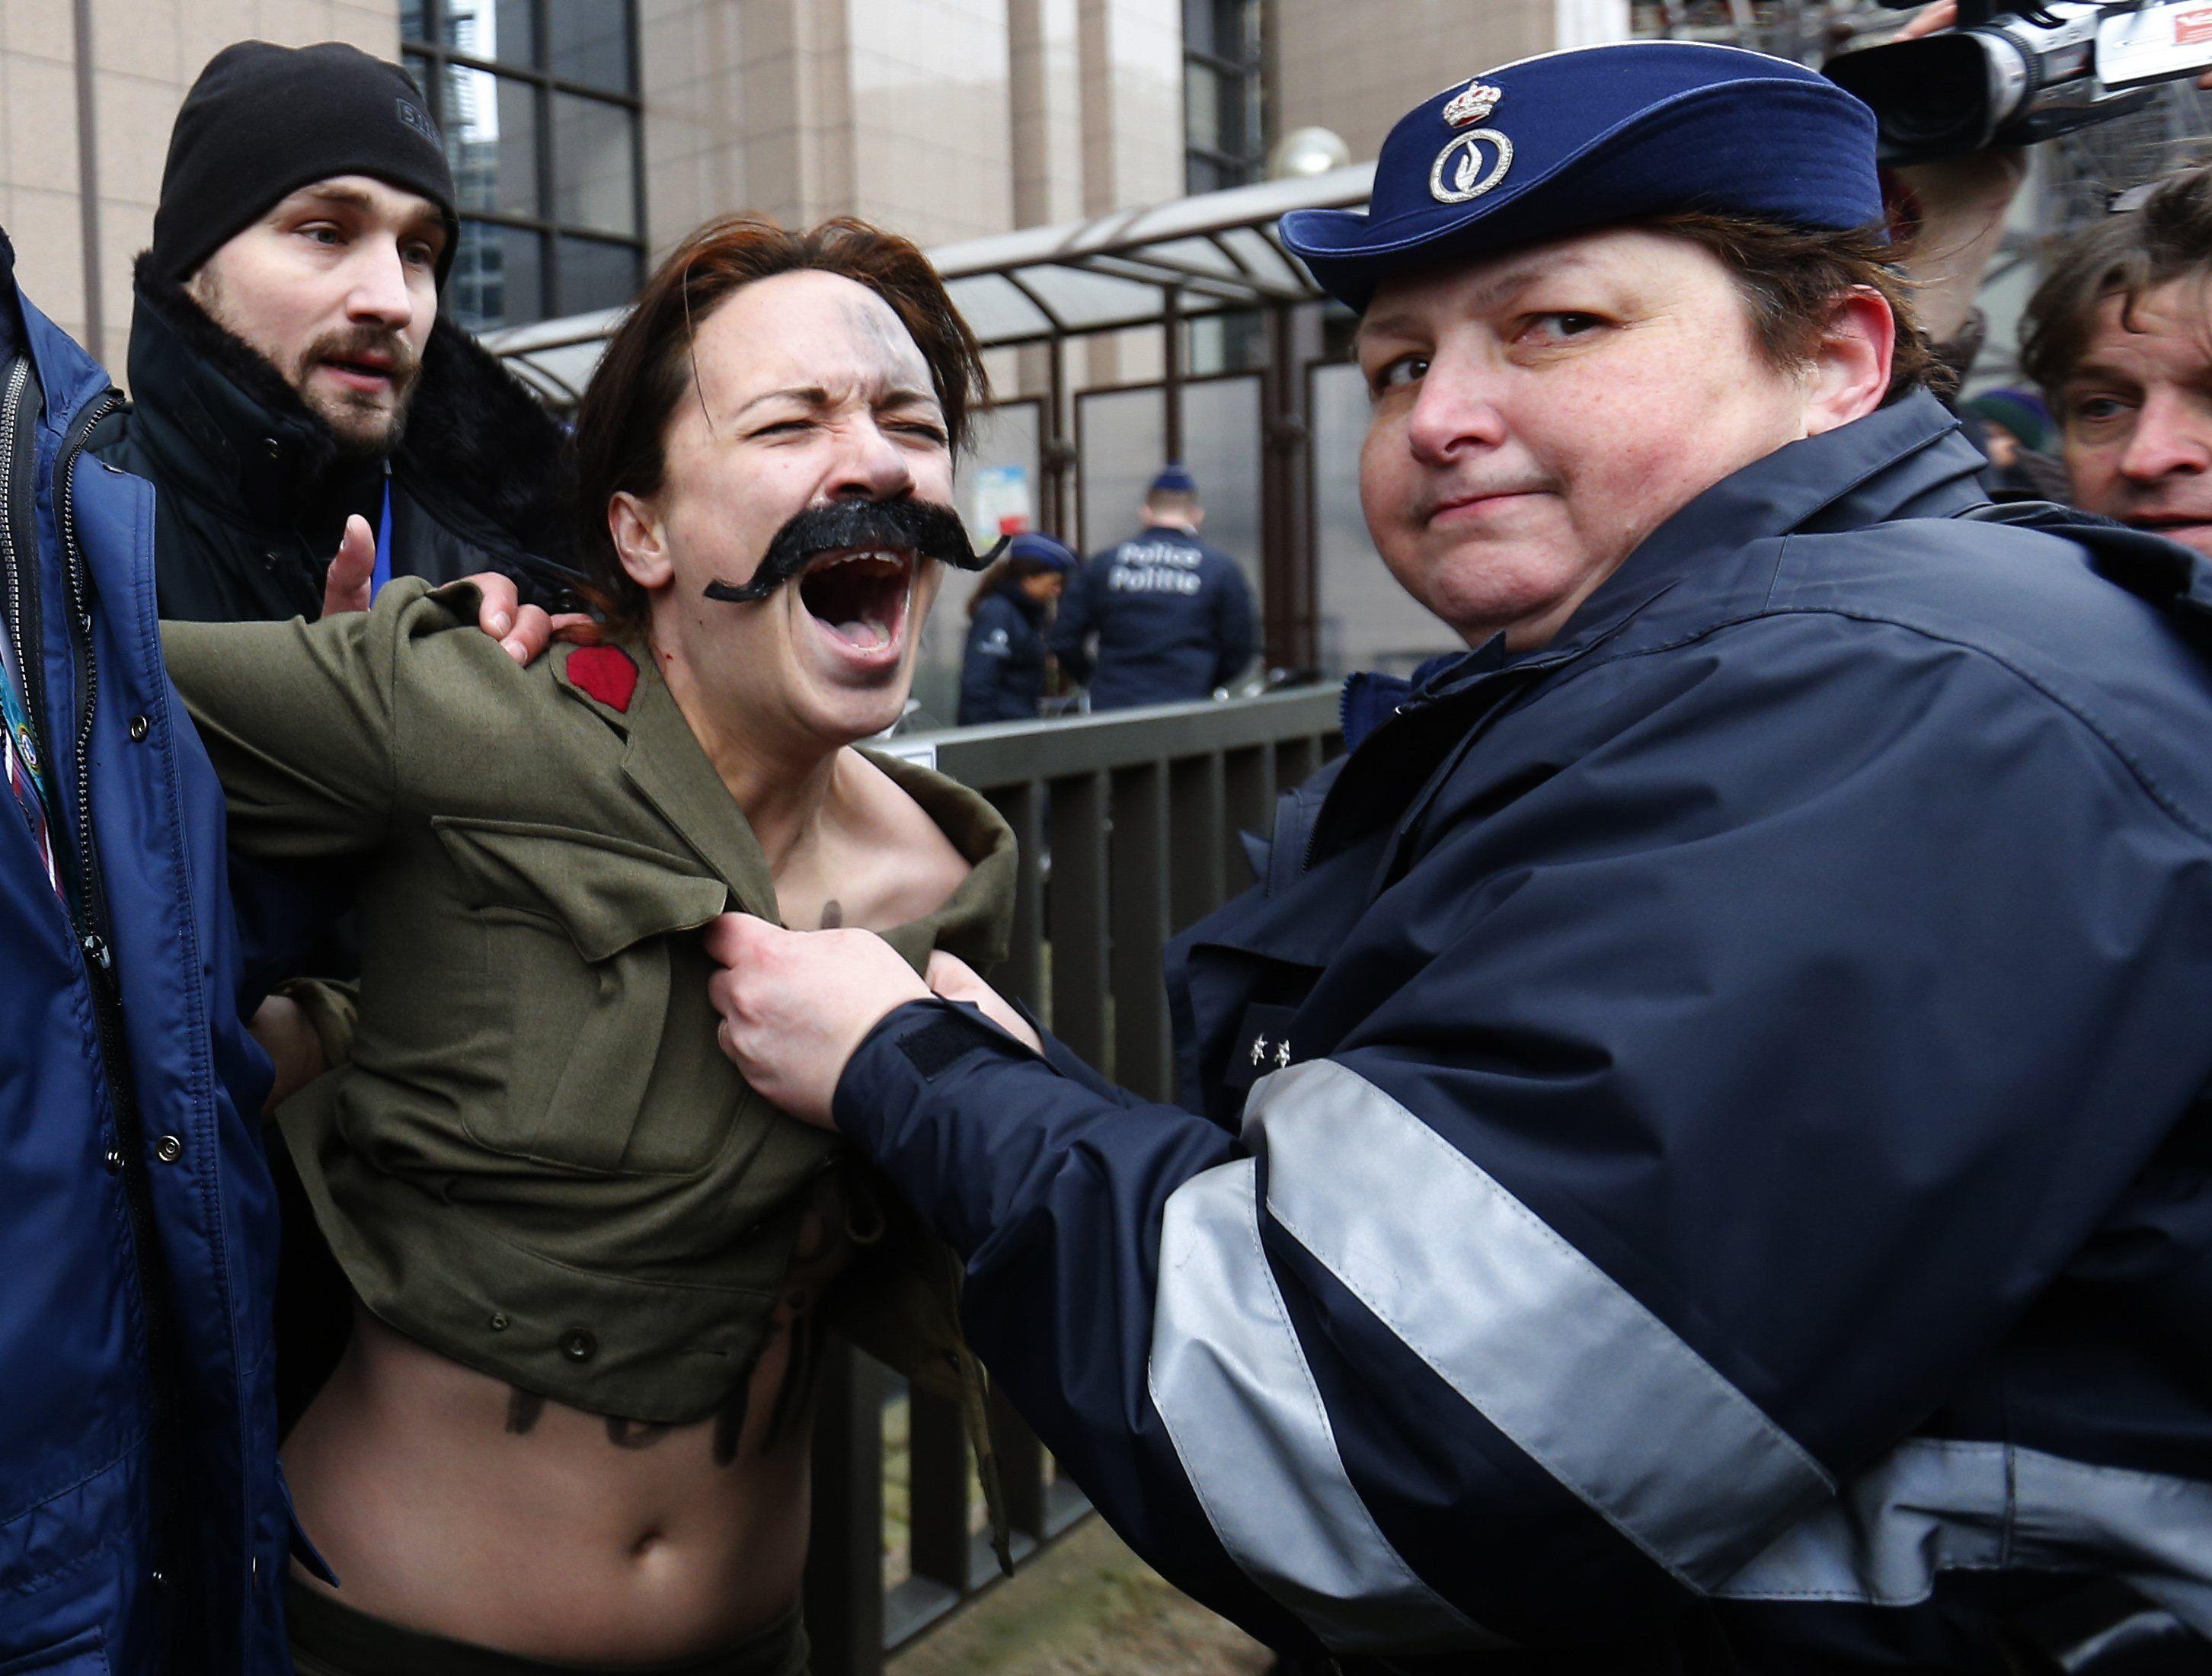 В Брюсселе голые FEMEN пытались сорвать саммит Россия-ЕС: опубликованы фото